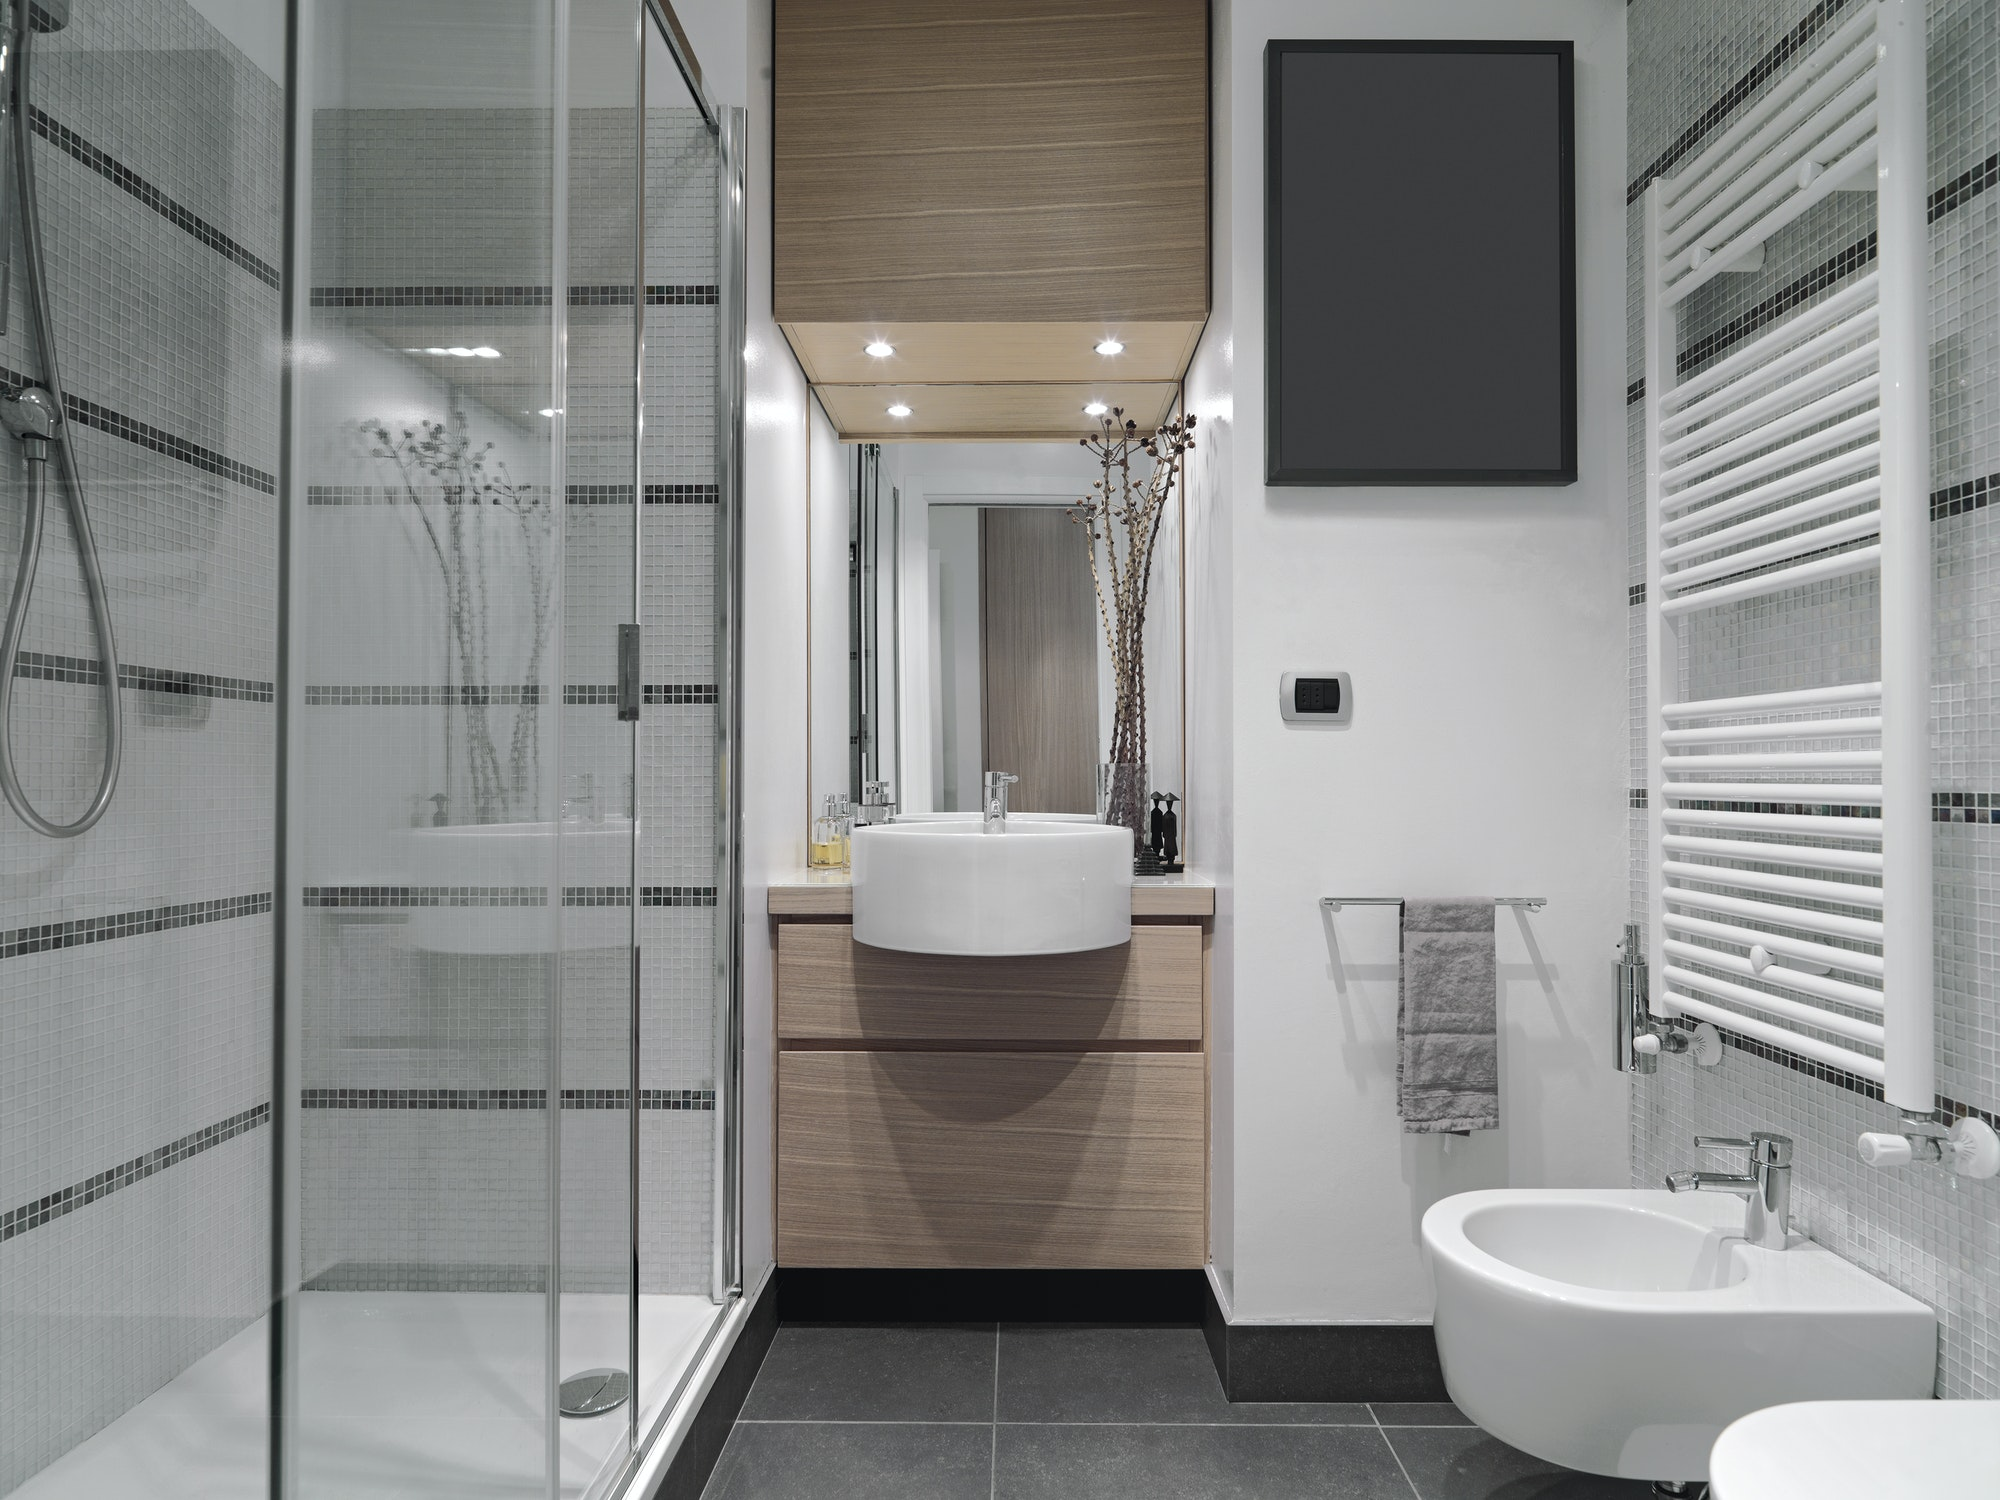 Reformas Las Palmas Interior de baño moderno